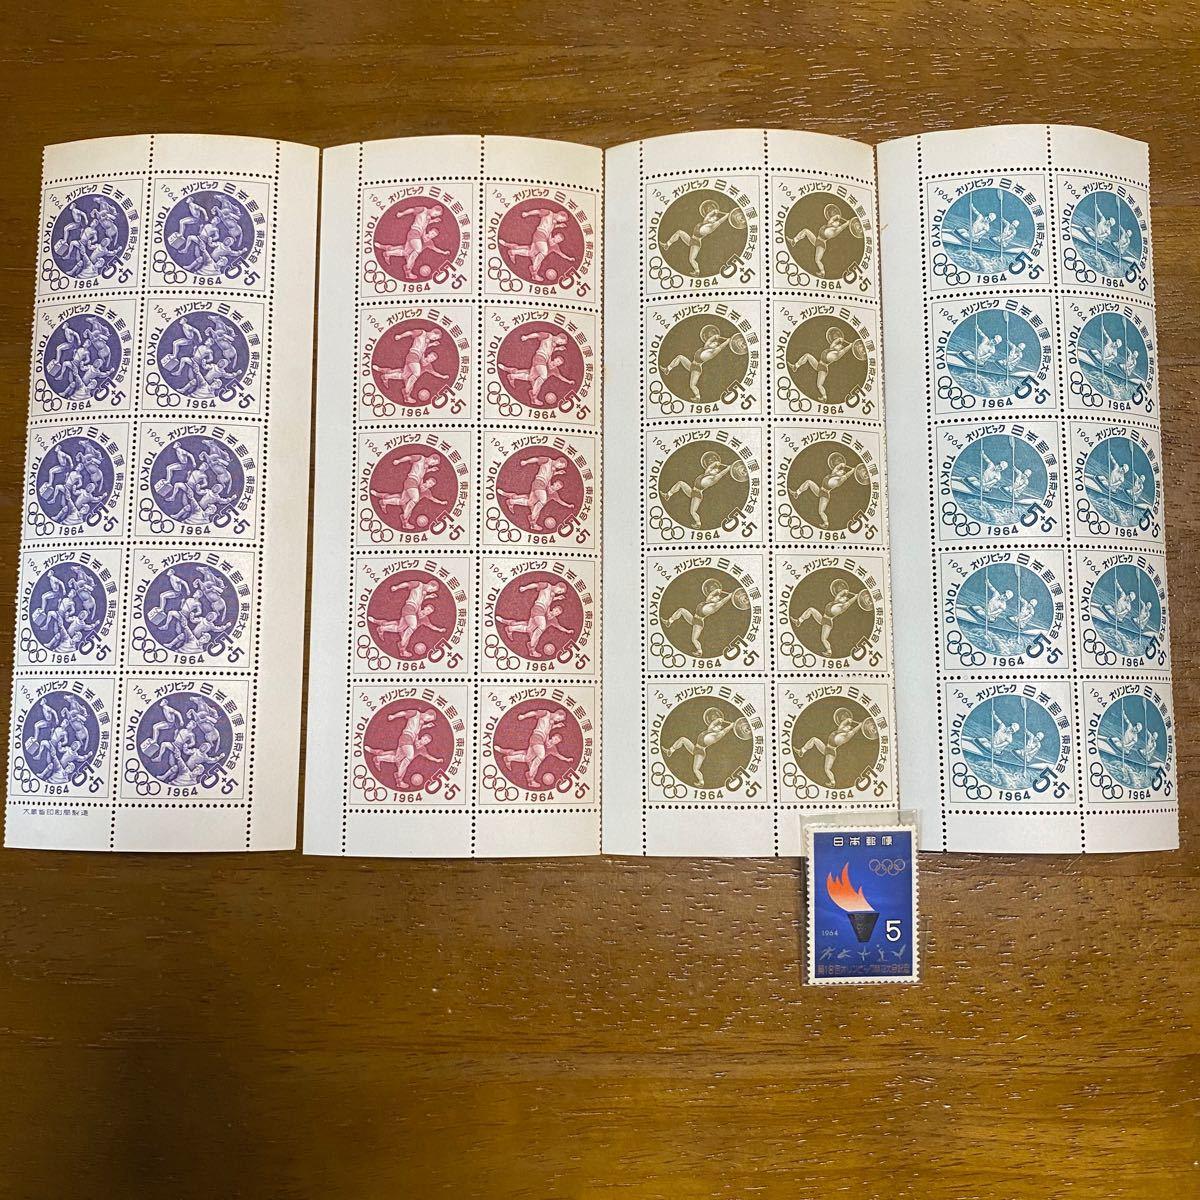 記念切手 東京オリンピック1964年 切手シート